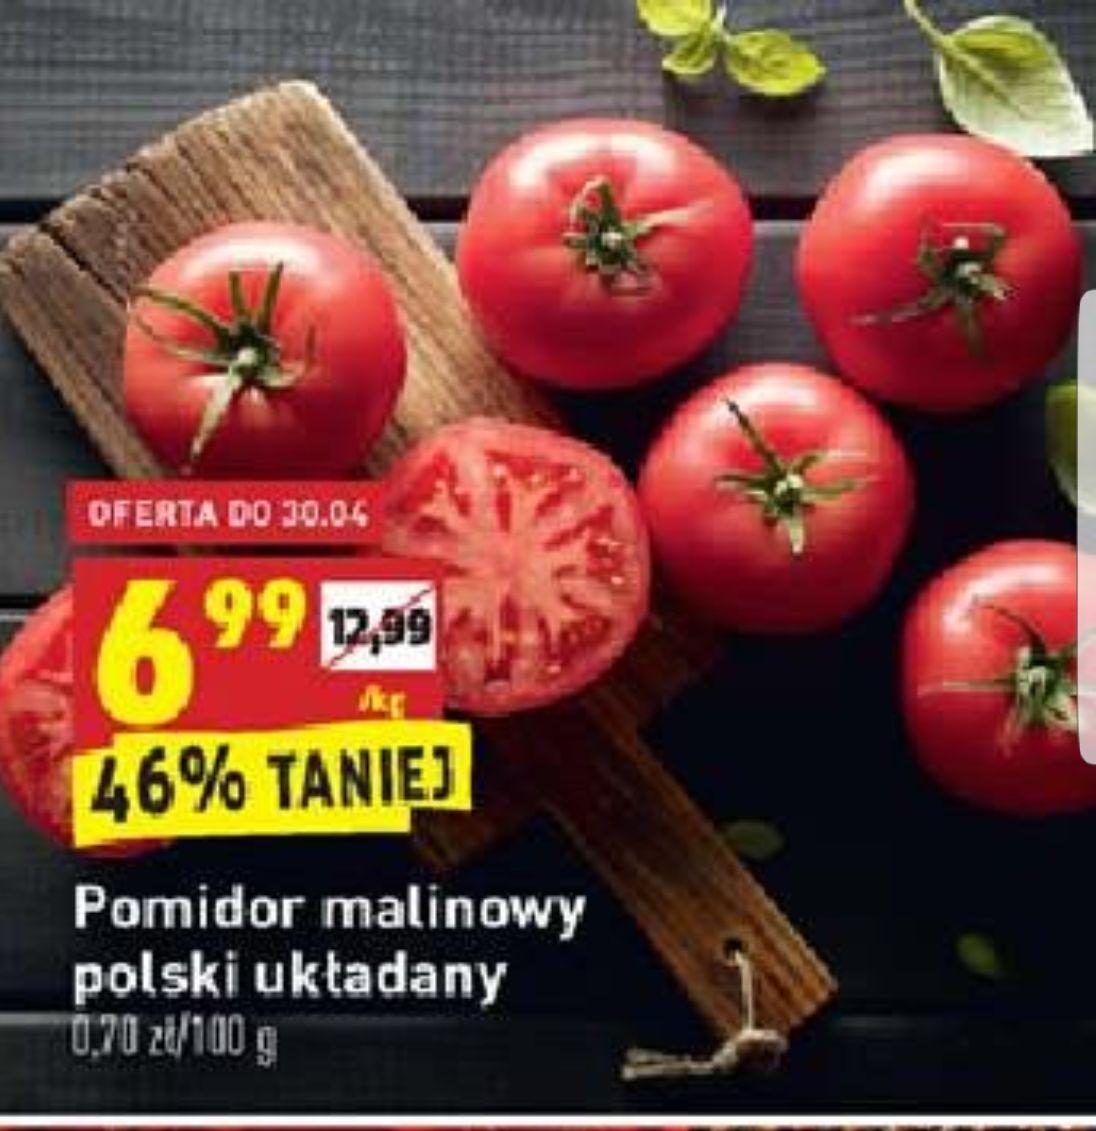 Pomidor malinowy w @ Biedronka